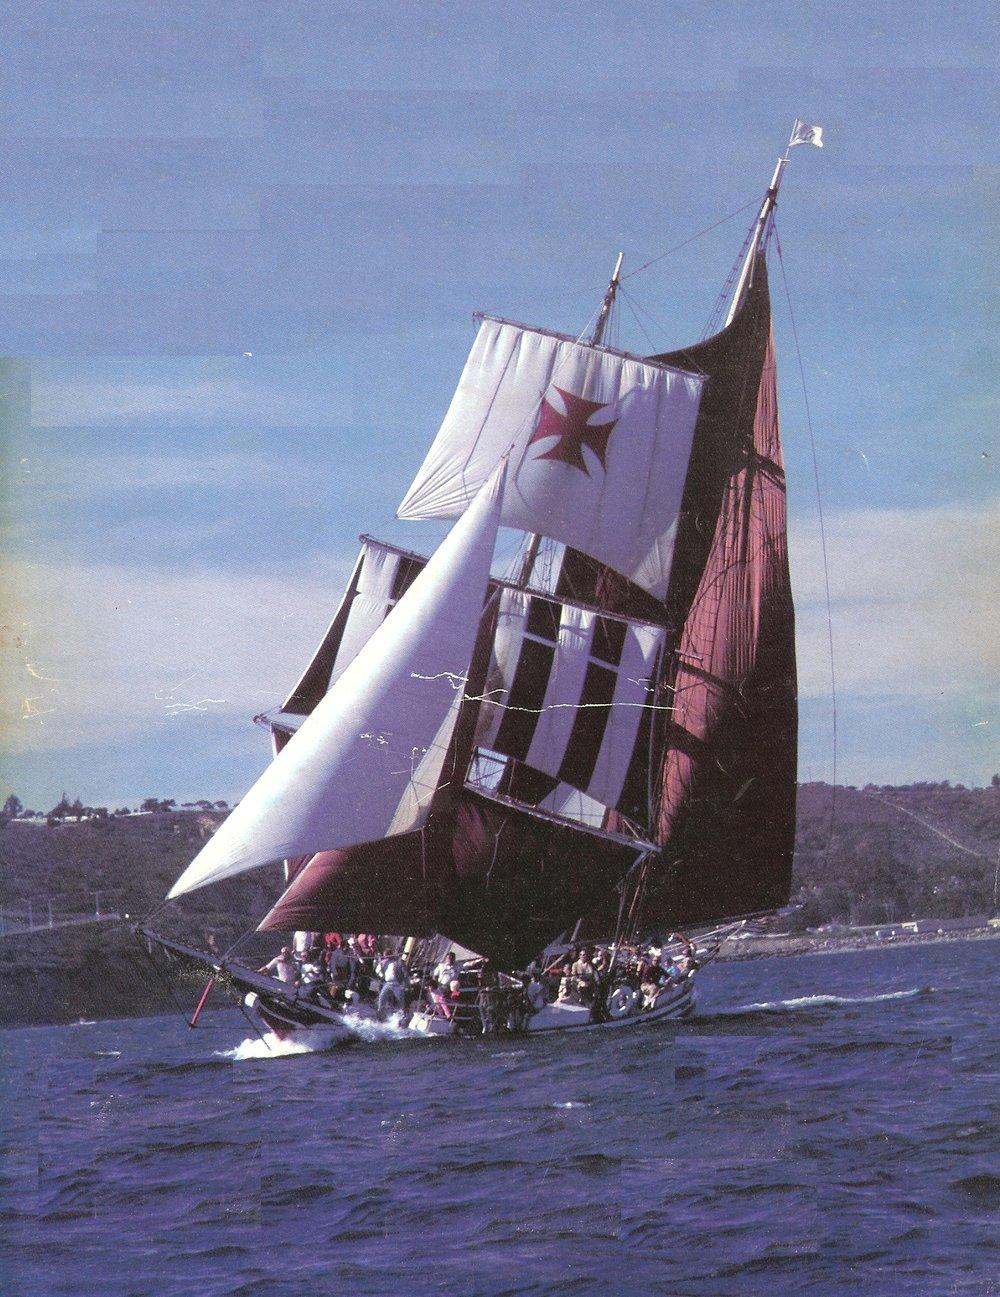 The Thomas Family ship - Brigantine Rendezvous (San Diego, California)